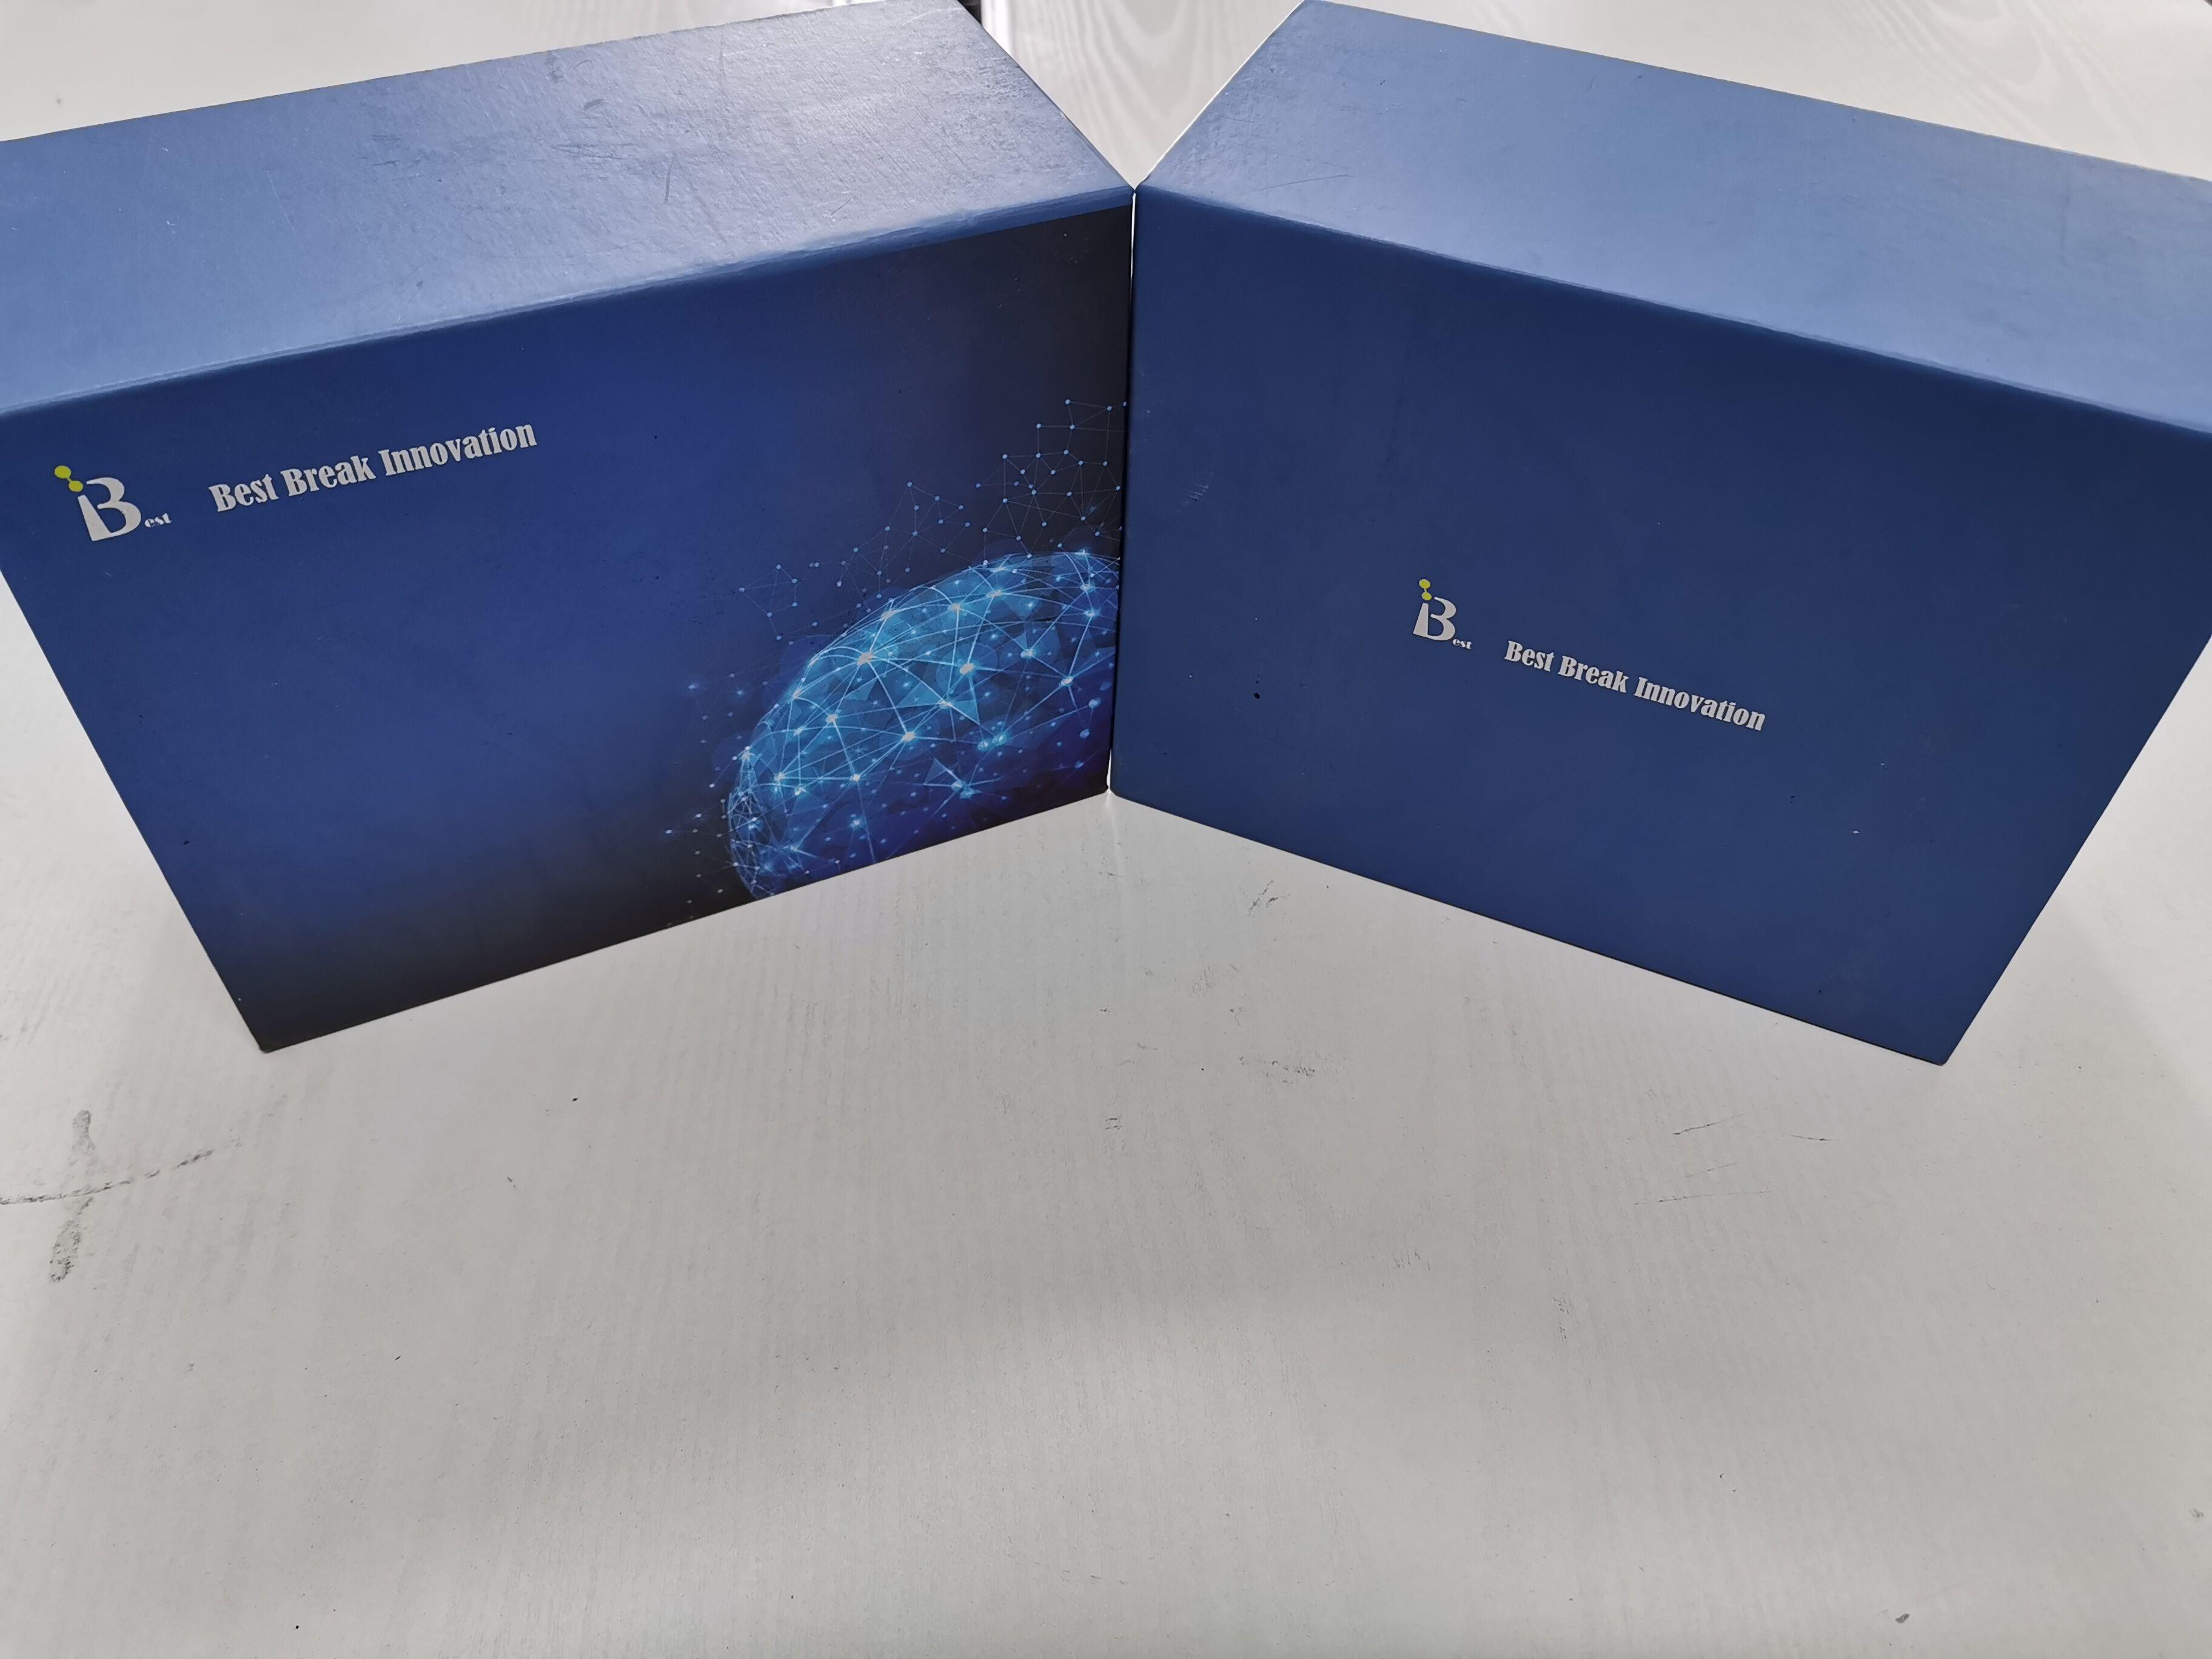 牛p38丝裂原活化蛋白激酶酶联免疫试剂盒